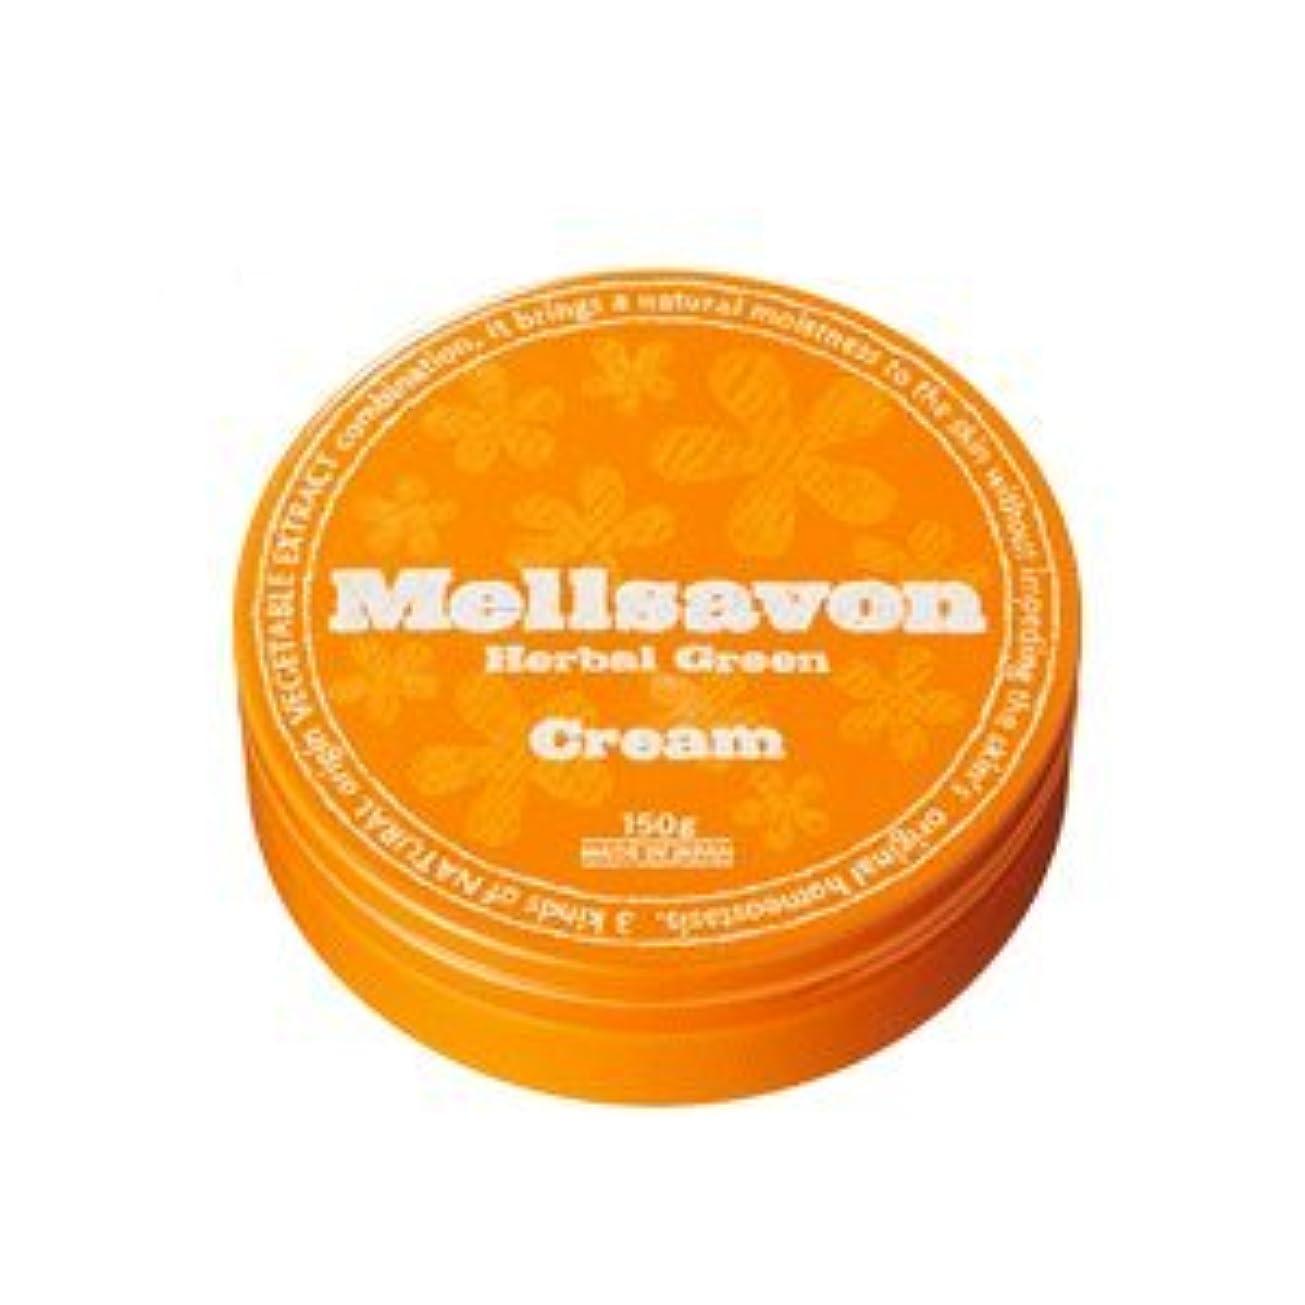 メルサボン スキンケアクリーム ハーバルグリーンの香り 大缶 150g